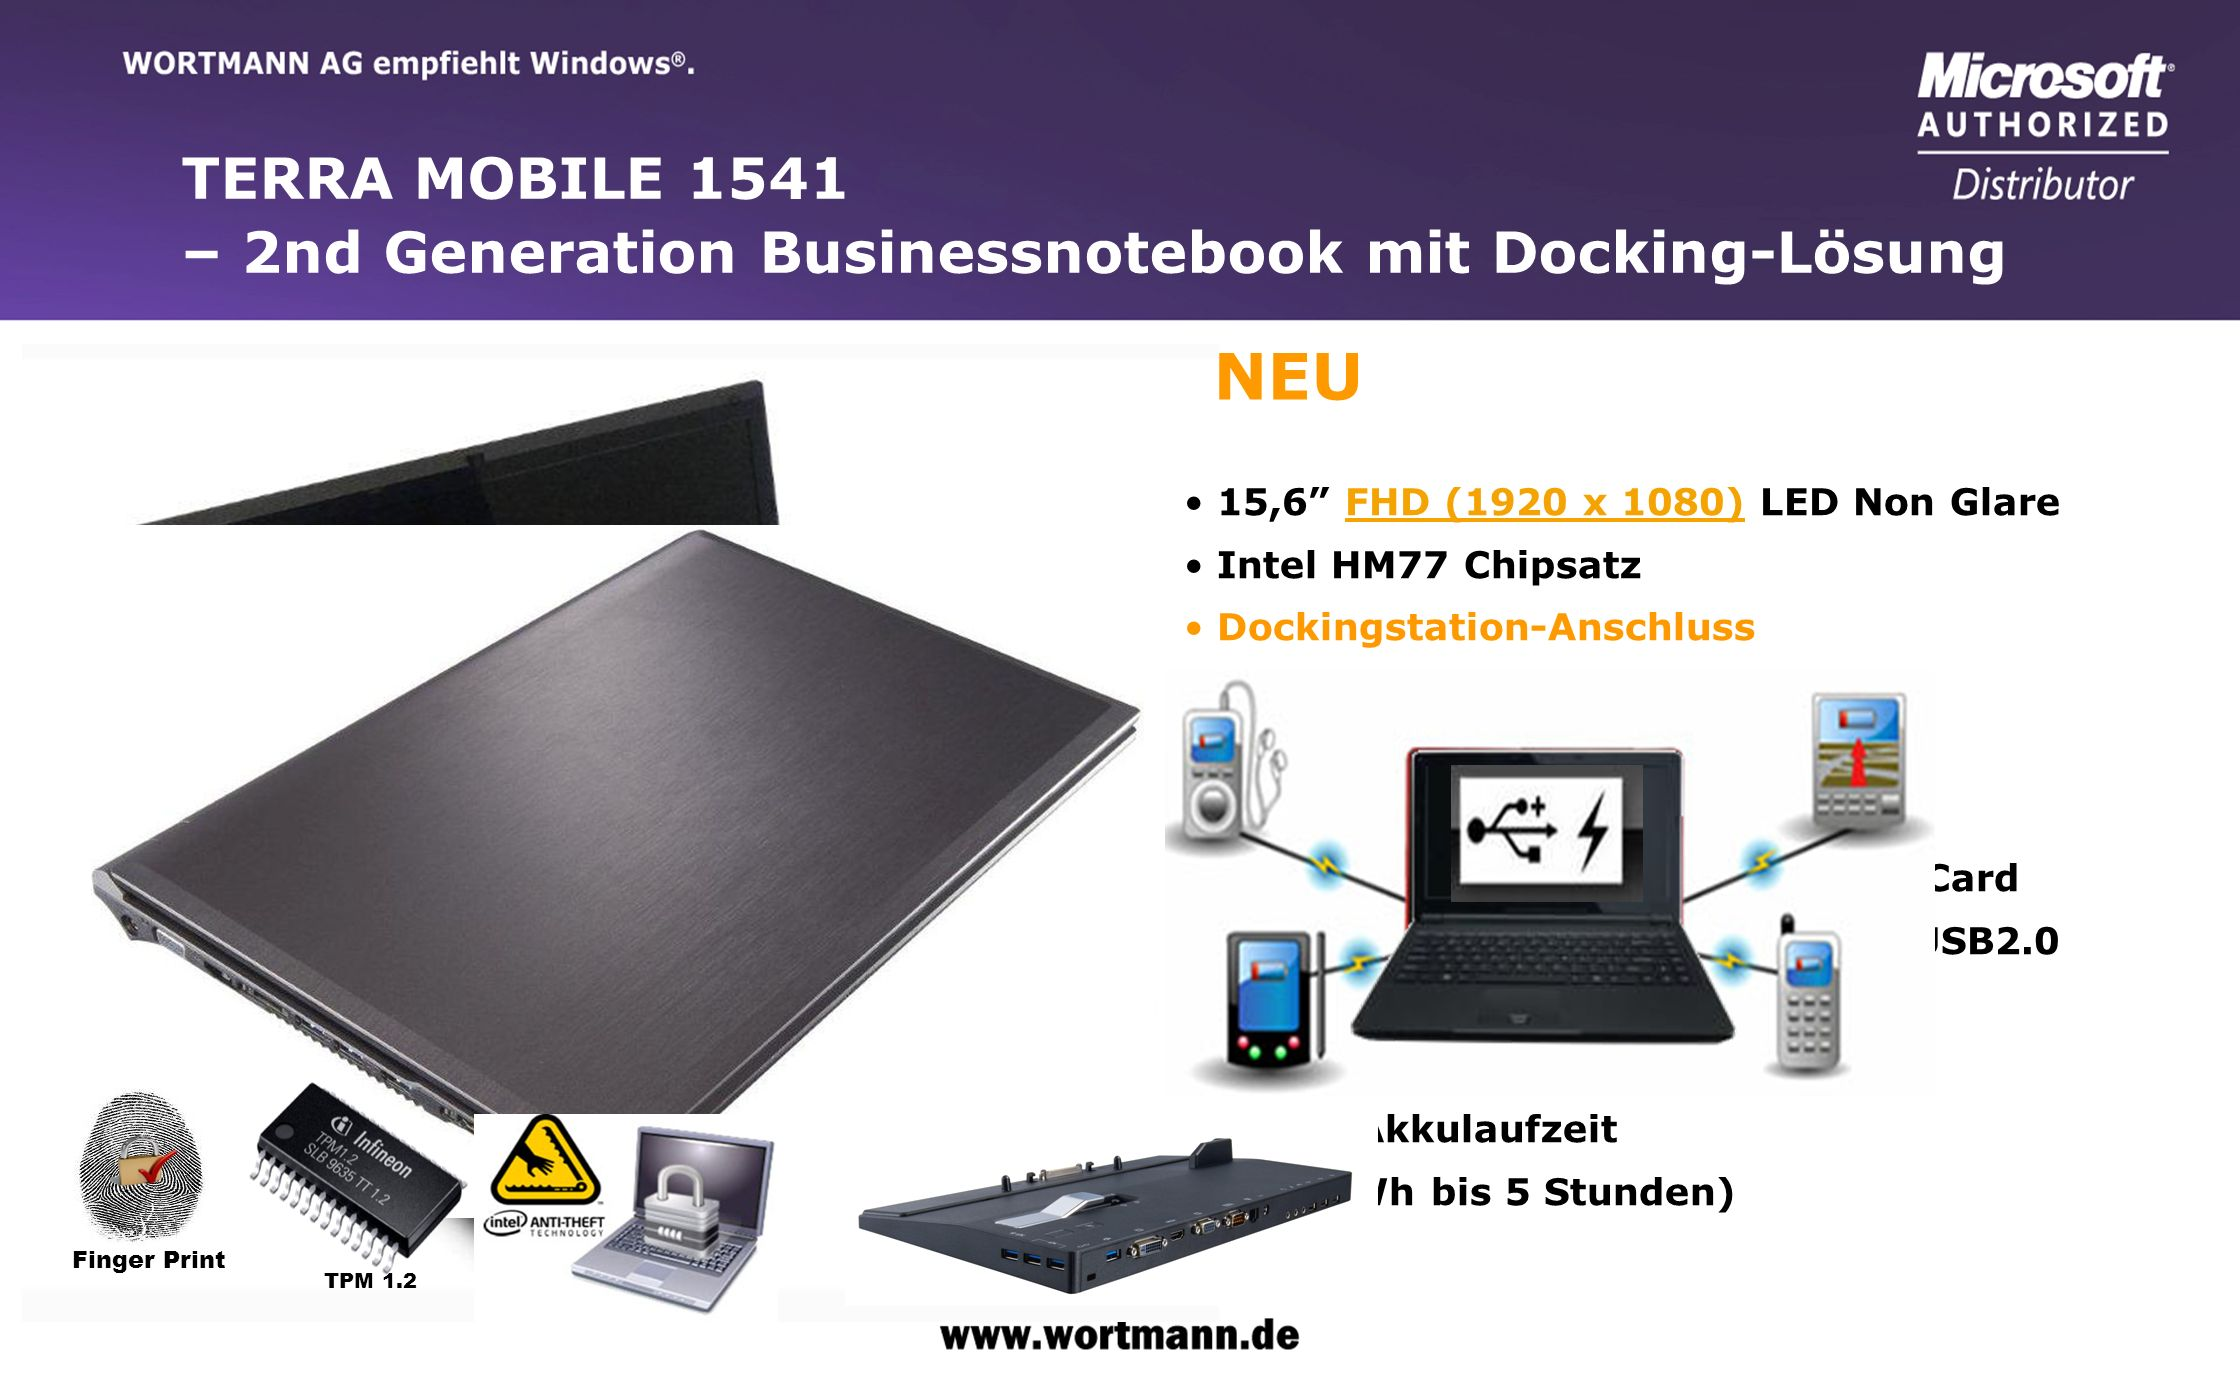 www.wortmann.de TERRA MOBILE 1541 – 2nd Generation Businessnotebook mit Docking-Lösung 15,6 FHD (1920 x 1080) LED Non Glare Intel HM77 Chipsatz Dockin